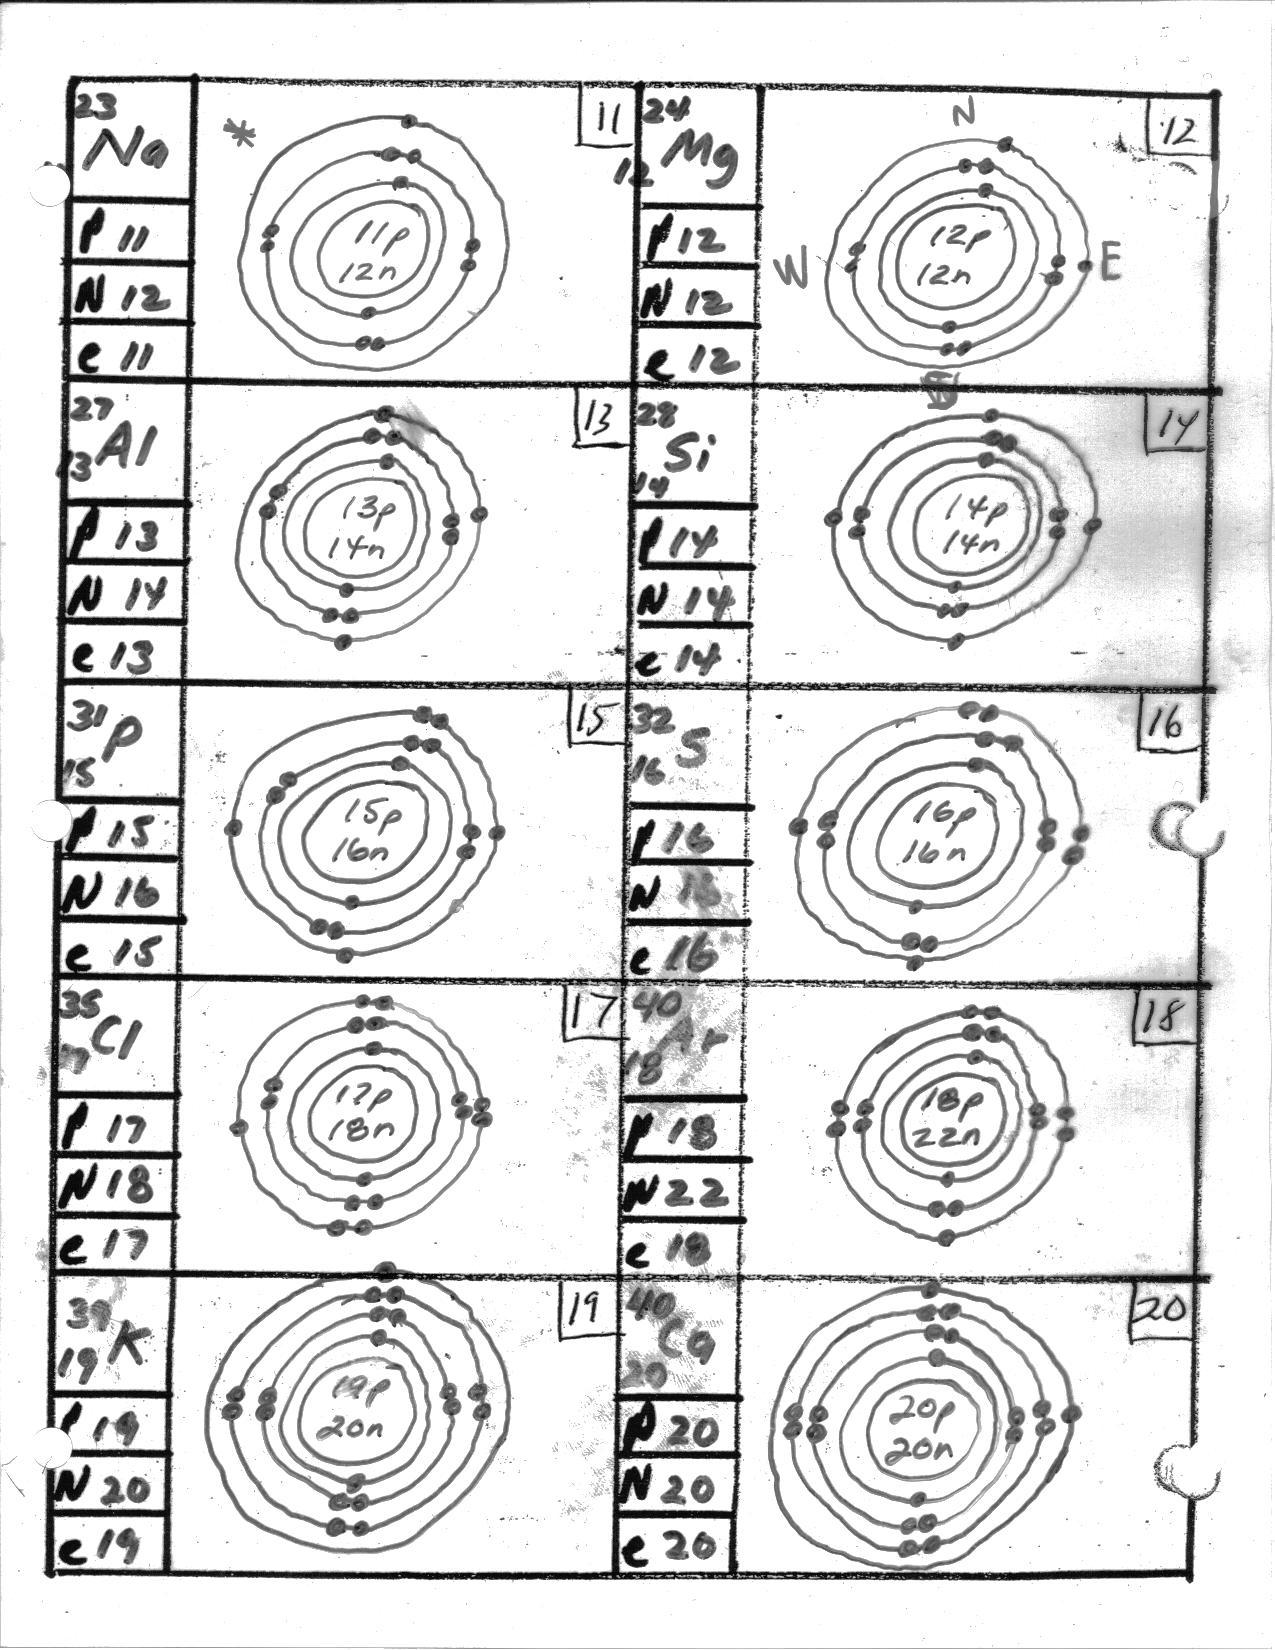 Bohr Model Of The Atom Worksheet The Best Worksheets Image